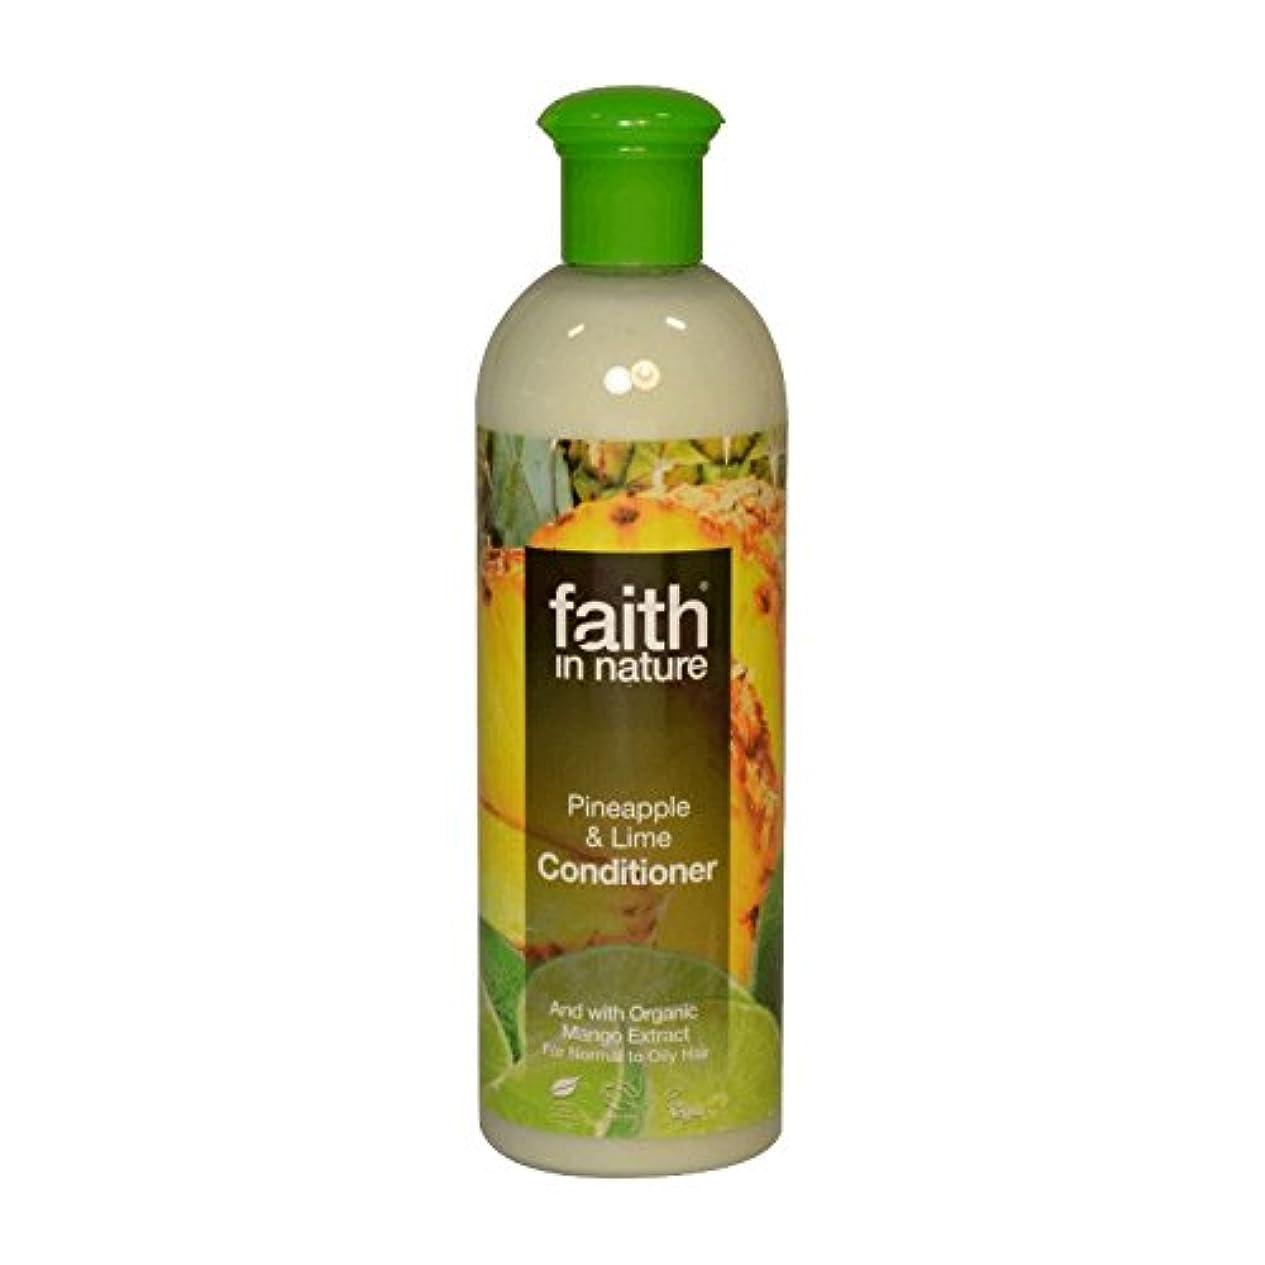 ハンサム前文自体Faith in Nature Pineapple & Lime Conditioner 400ml (Pack of 6) - 自然パイナップル&ライムコンディショナー400ミリリットルの信仰 (x6) [並行輸入品]